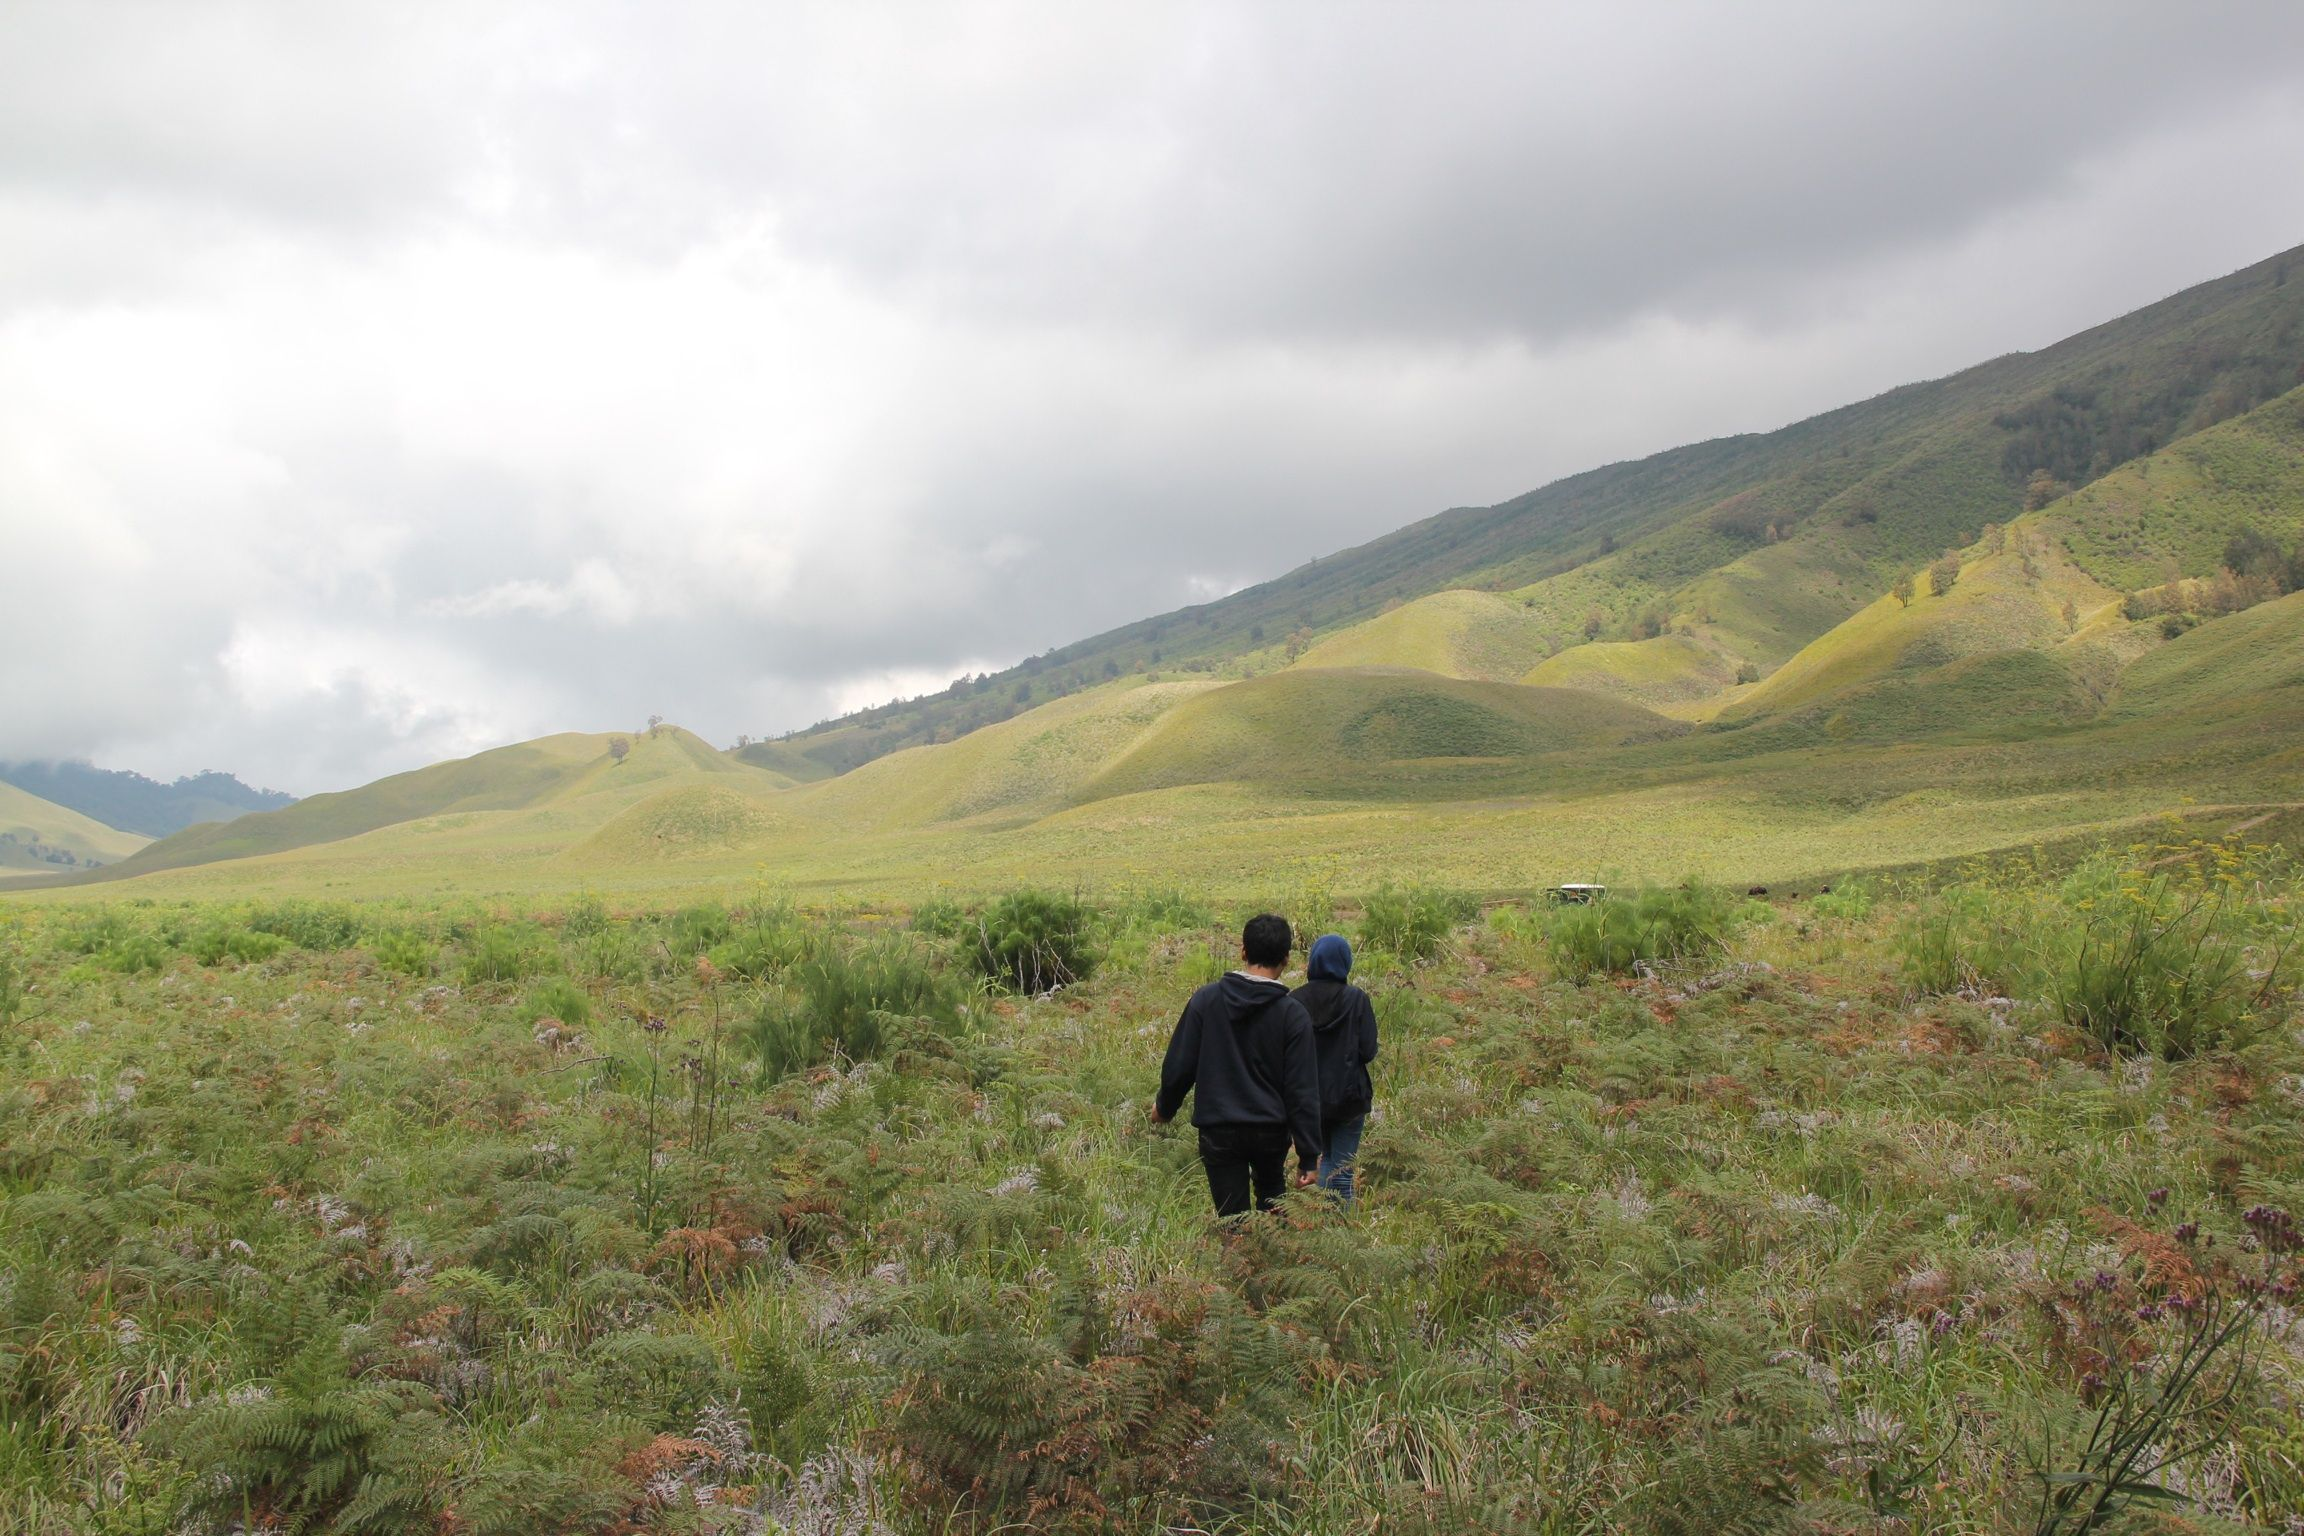 Padang rumput di kaki gunung Bromo